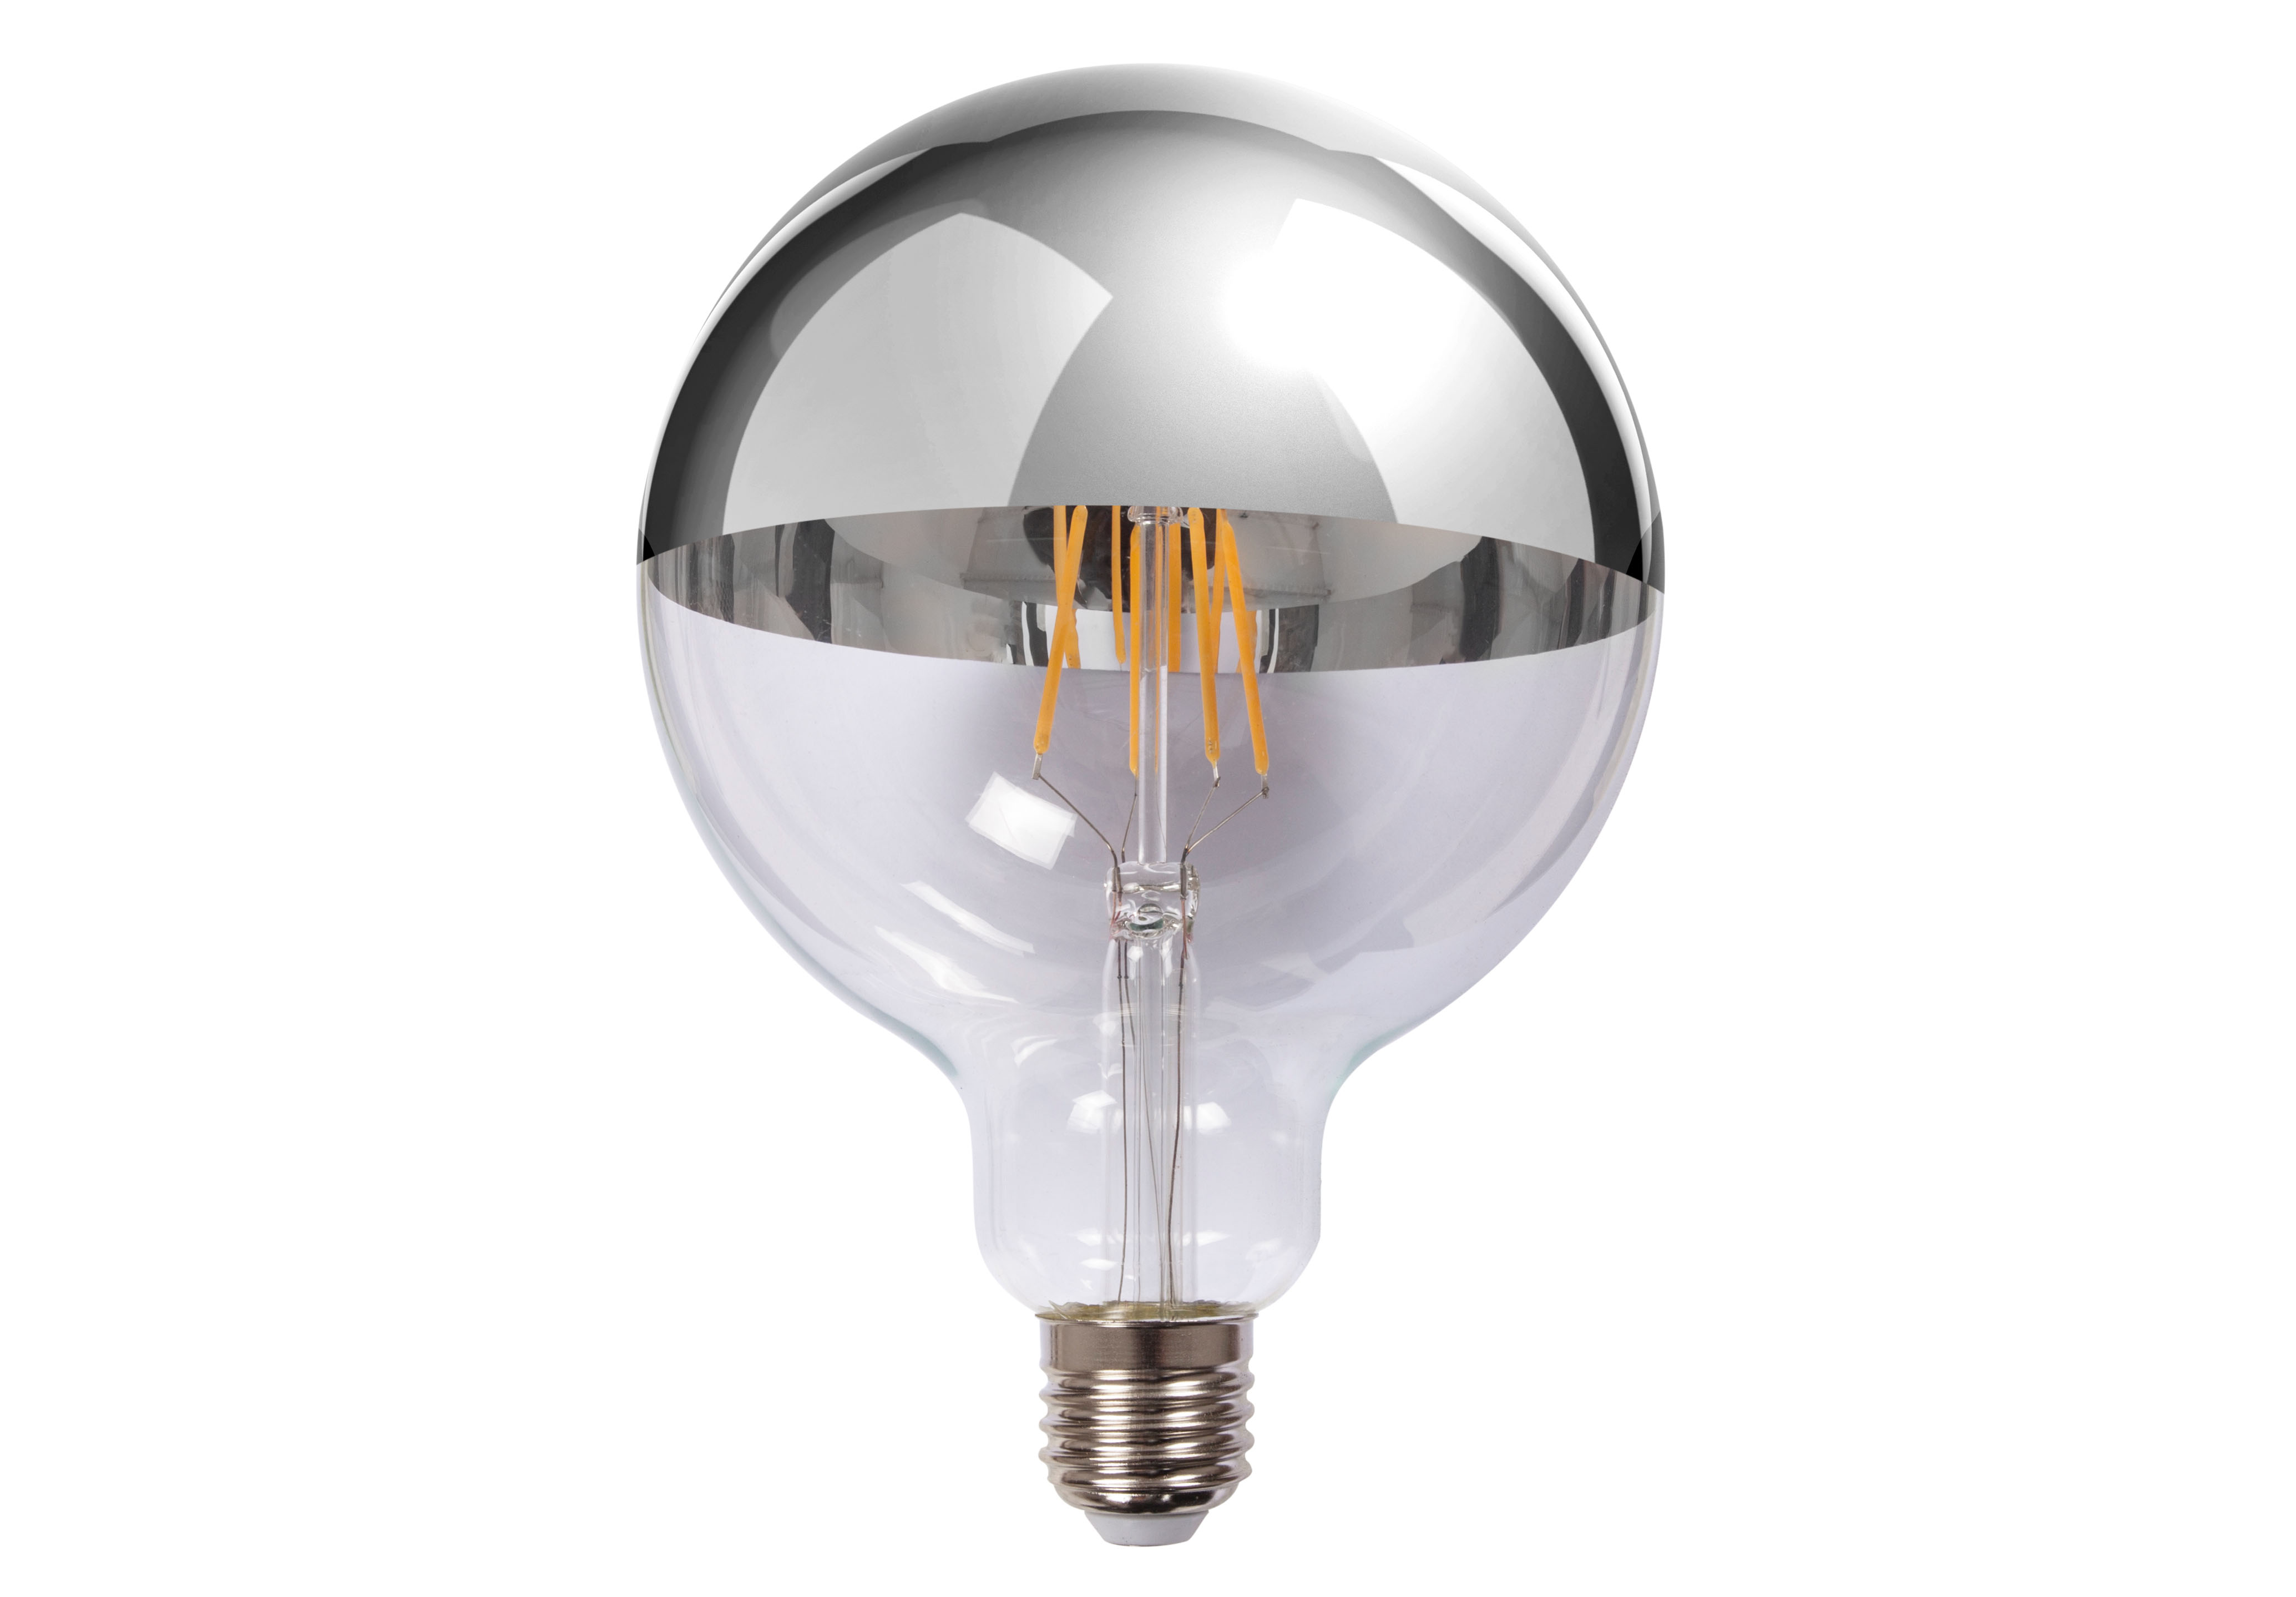 Sfeervolle Led Verlichting : Sfeervolle led lampenbol kopen verlichting kameraankleden